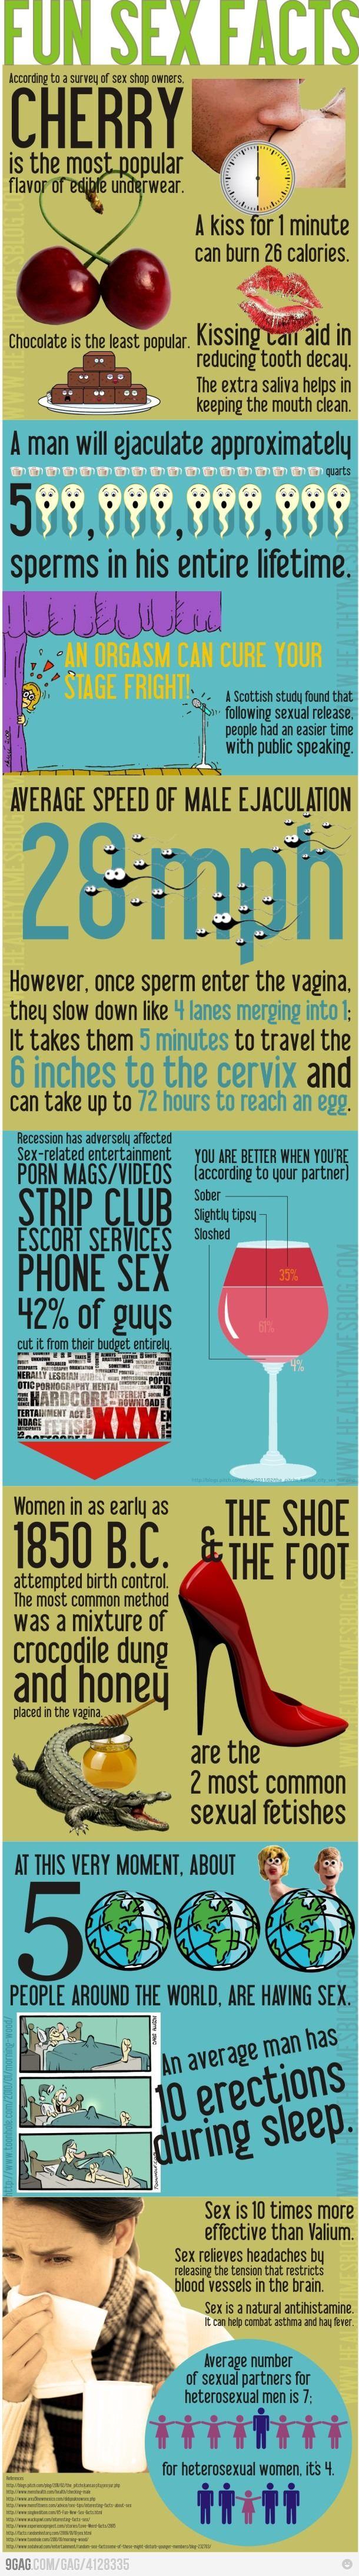 Fun sex facts!